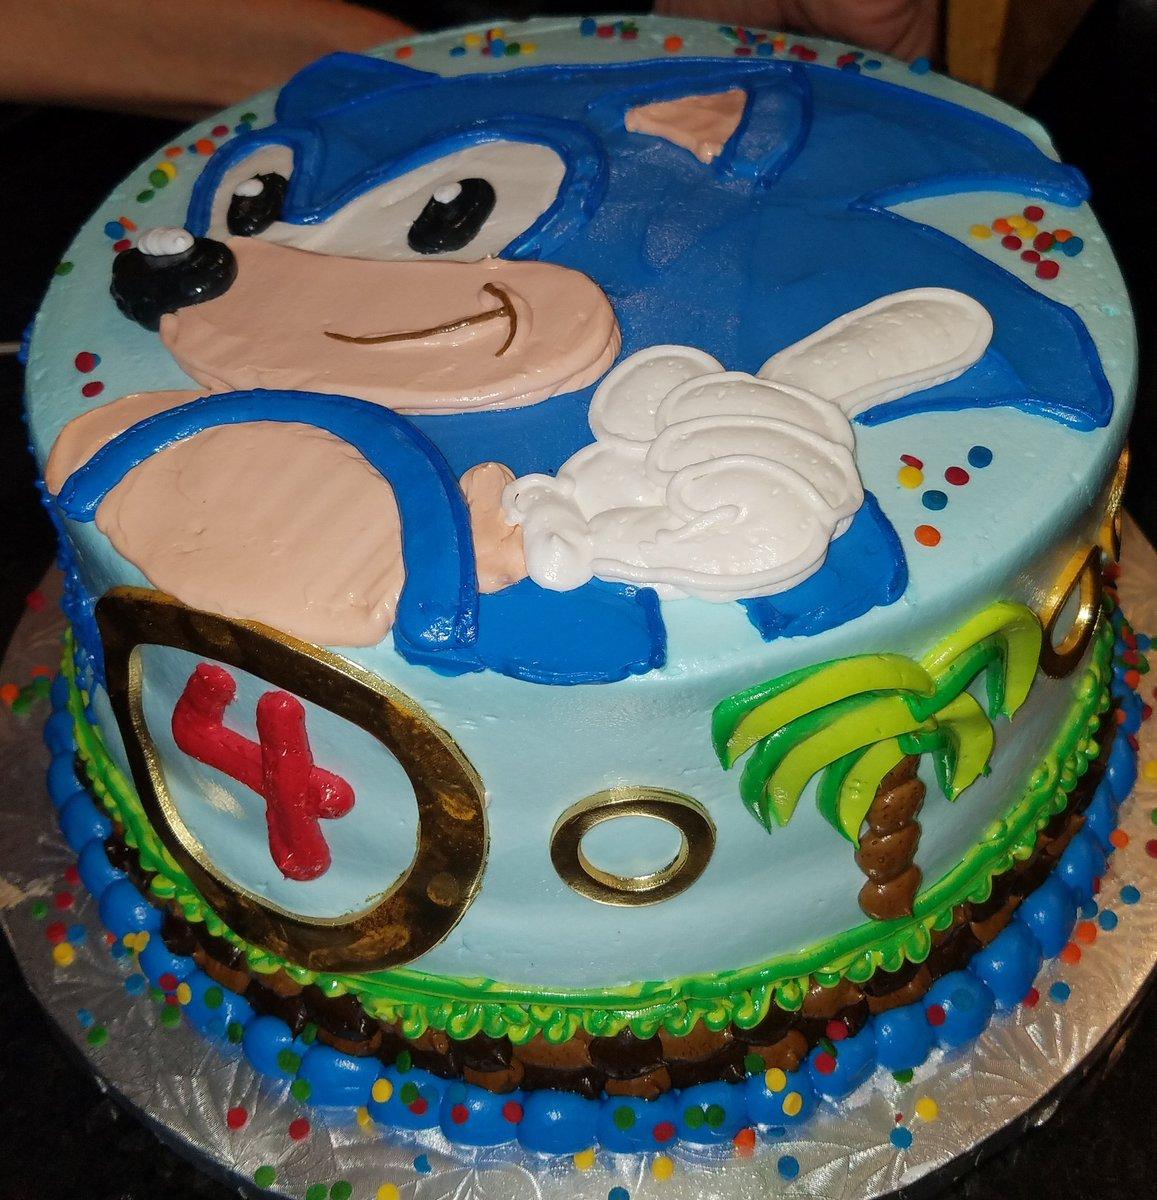 Darth Gibbious Twitter My Nephews Birthday Cake Changed His